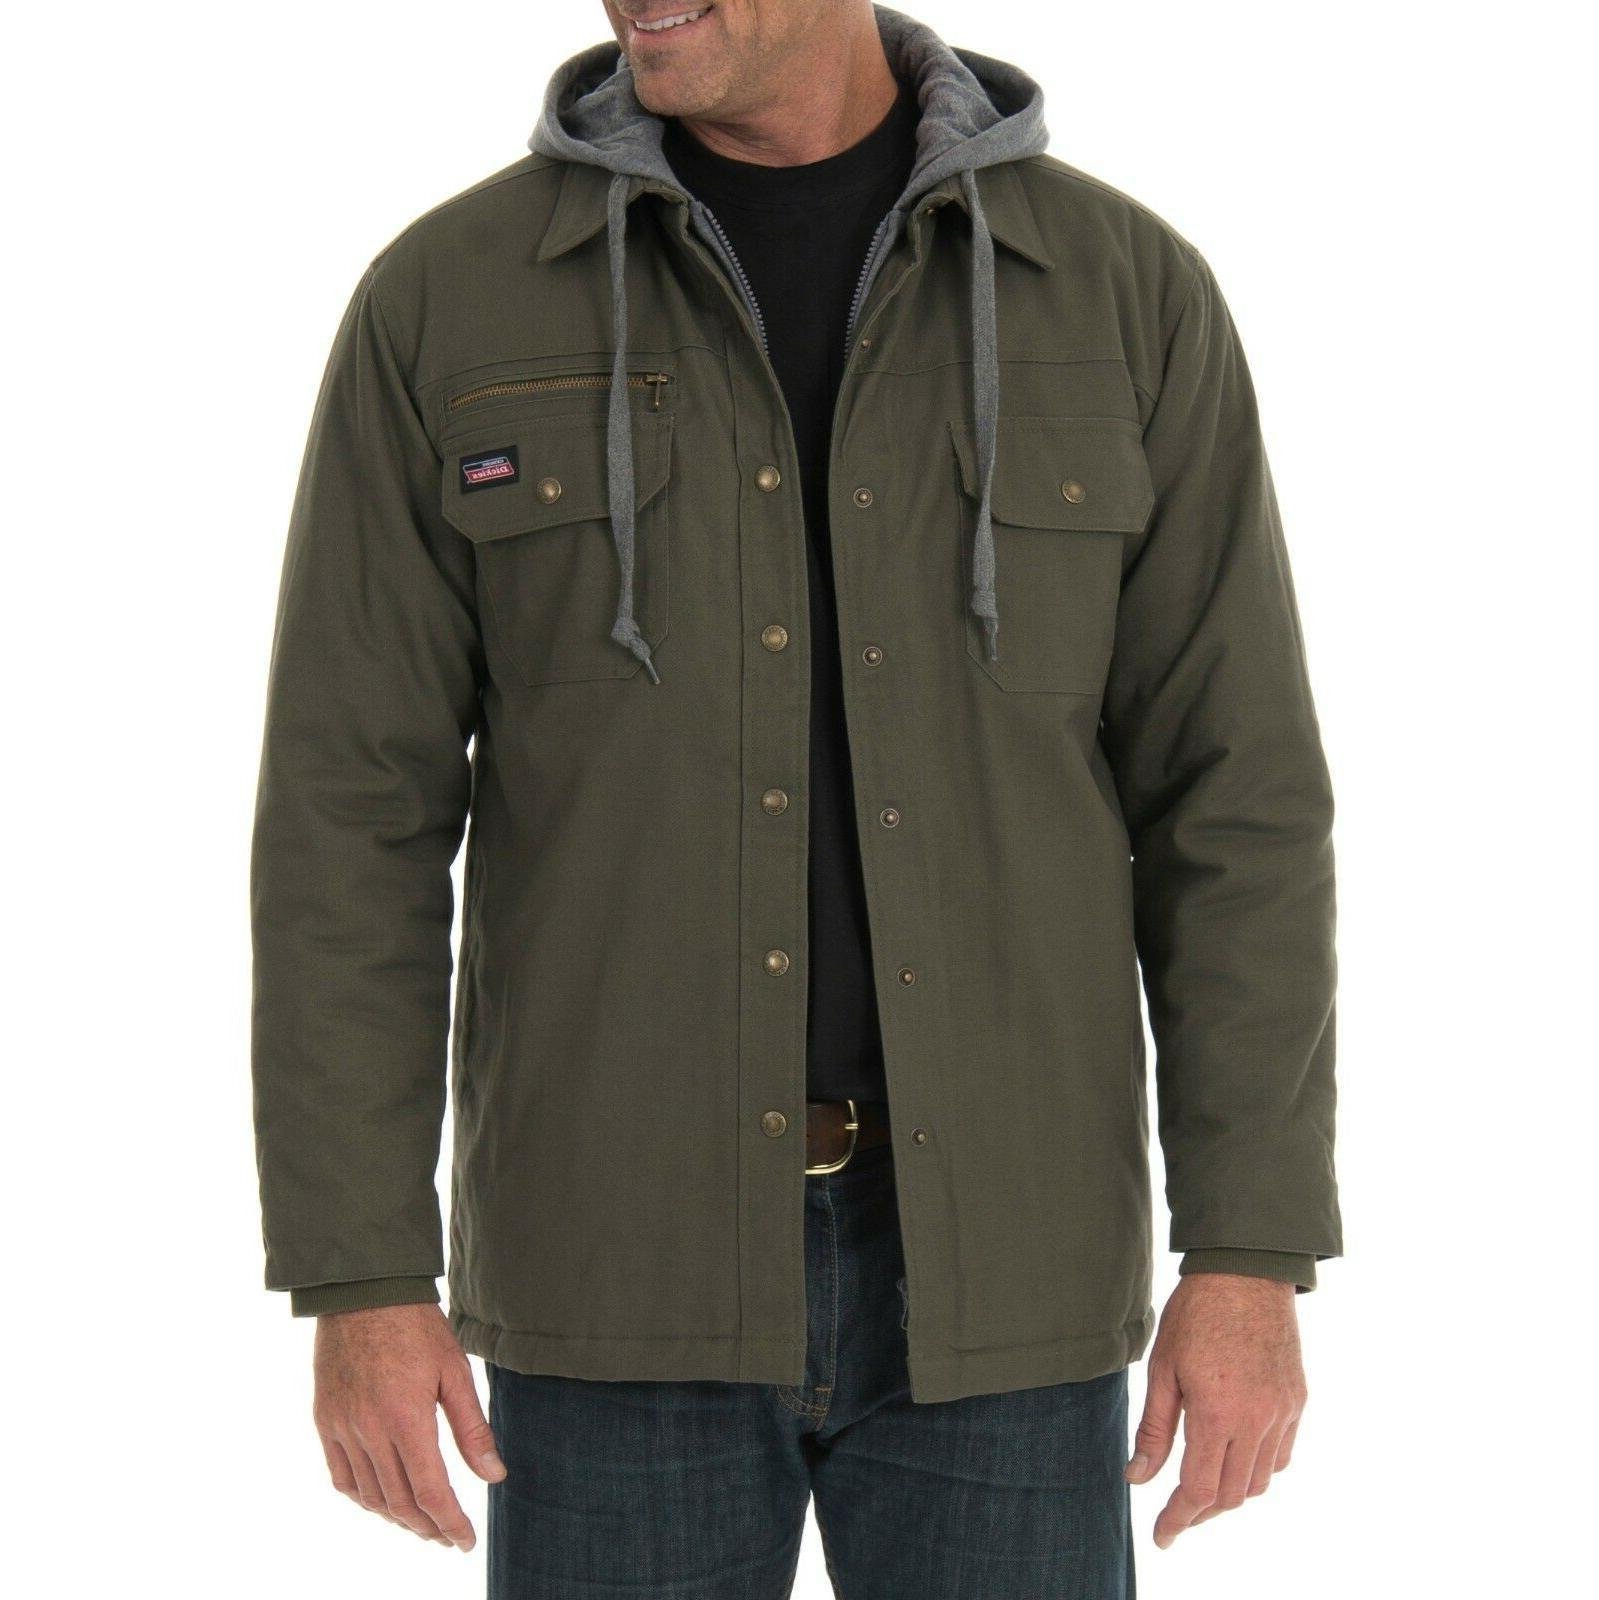 men s canvas shirt jacket size medium